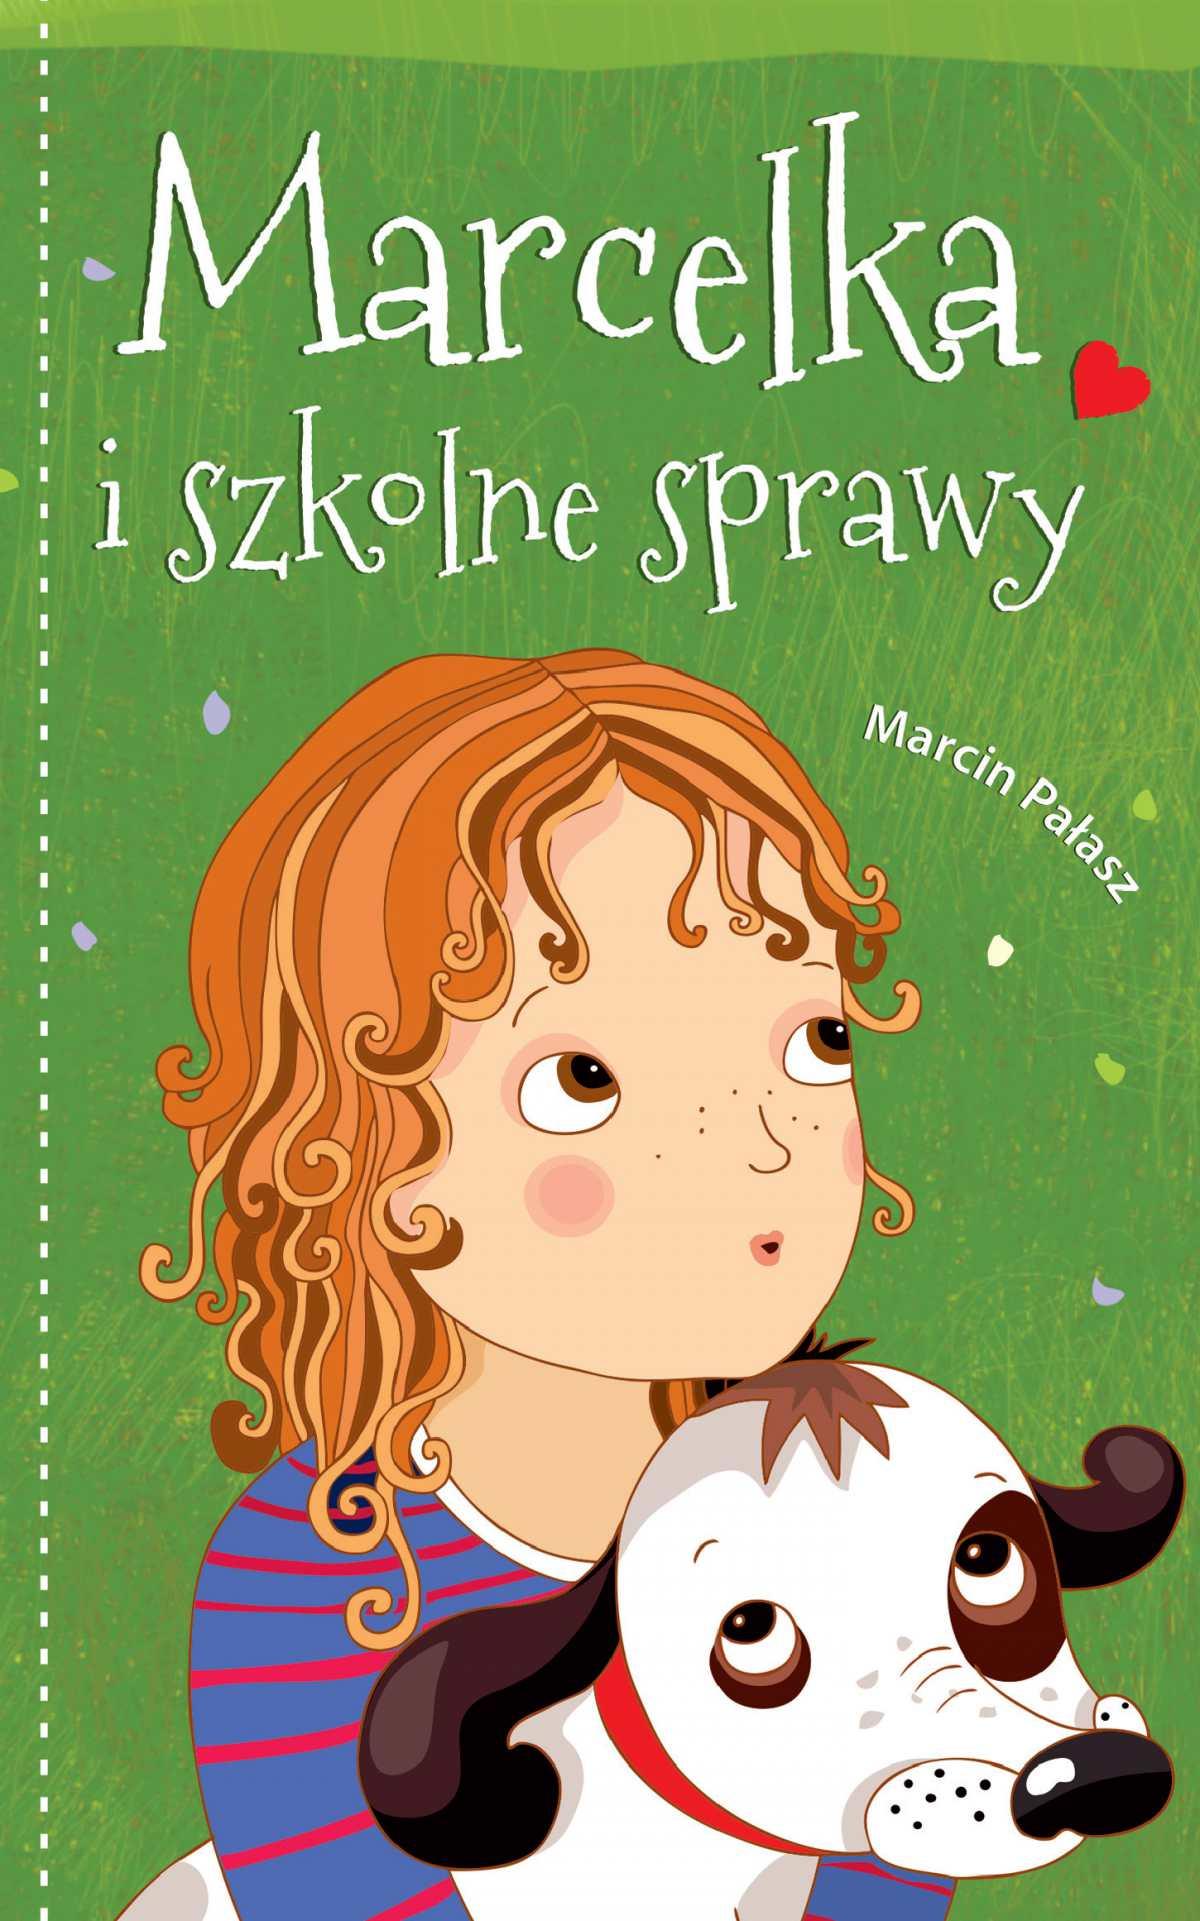 Marcelka i szkolne sprawy - Ebook (Książka EPUB) do pobrania w formacie EPUB